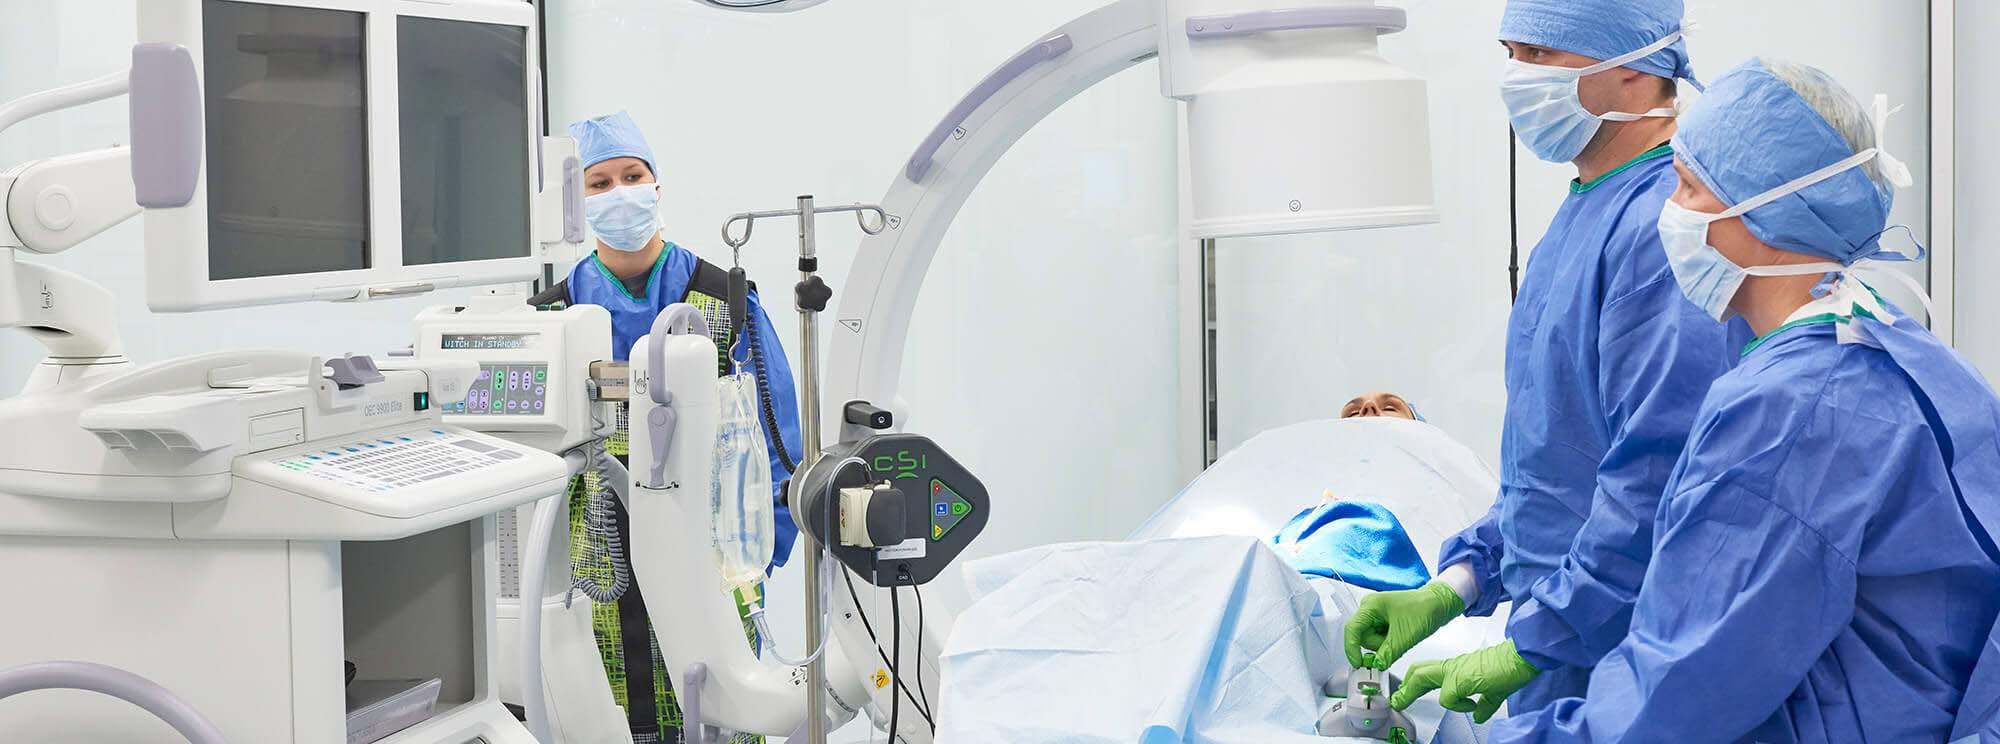 Koronarografija ili selektivna koronarna angiografija